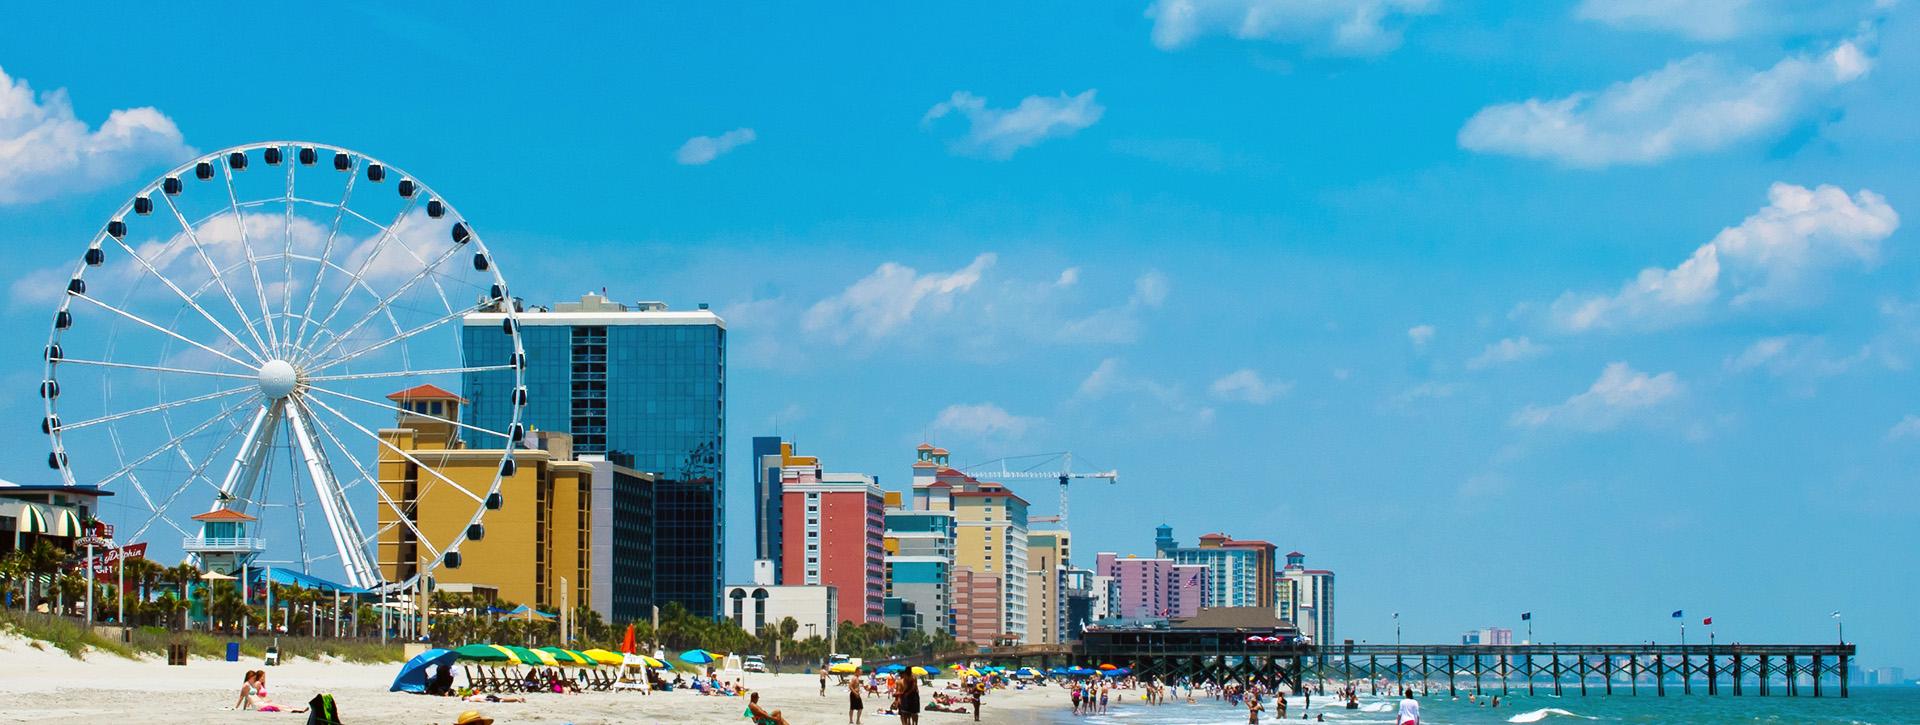 Sea breeze realty garden city sc vacation rentals and sales for Garden city sc vacation rentals